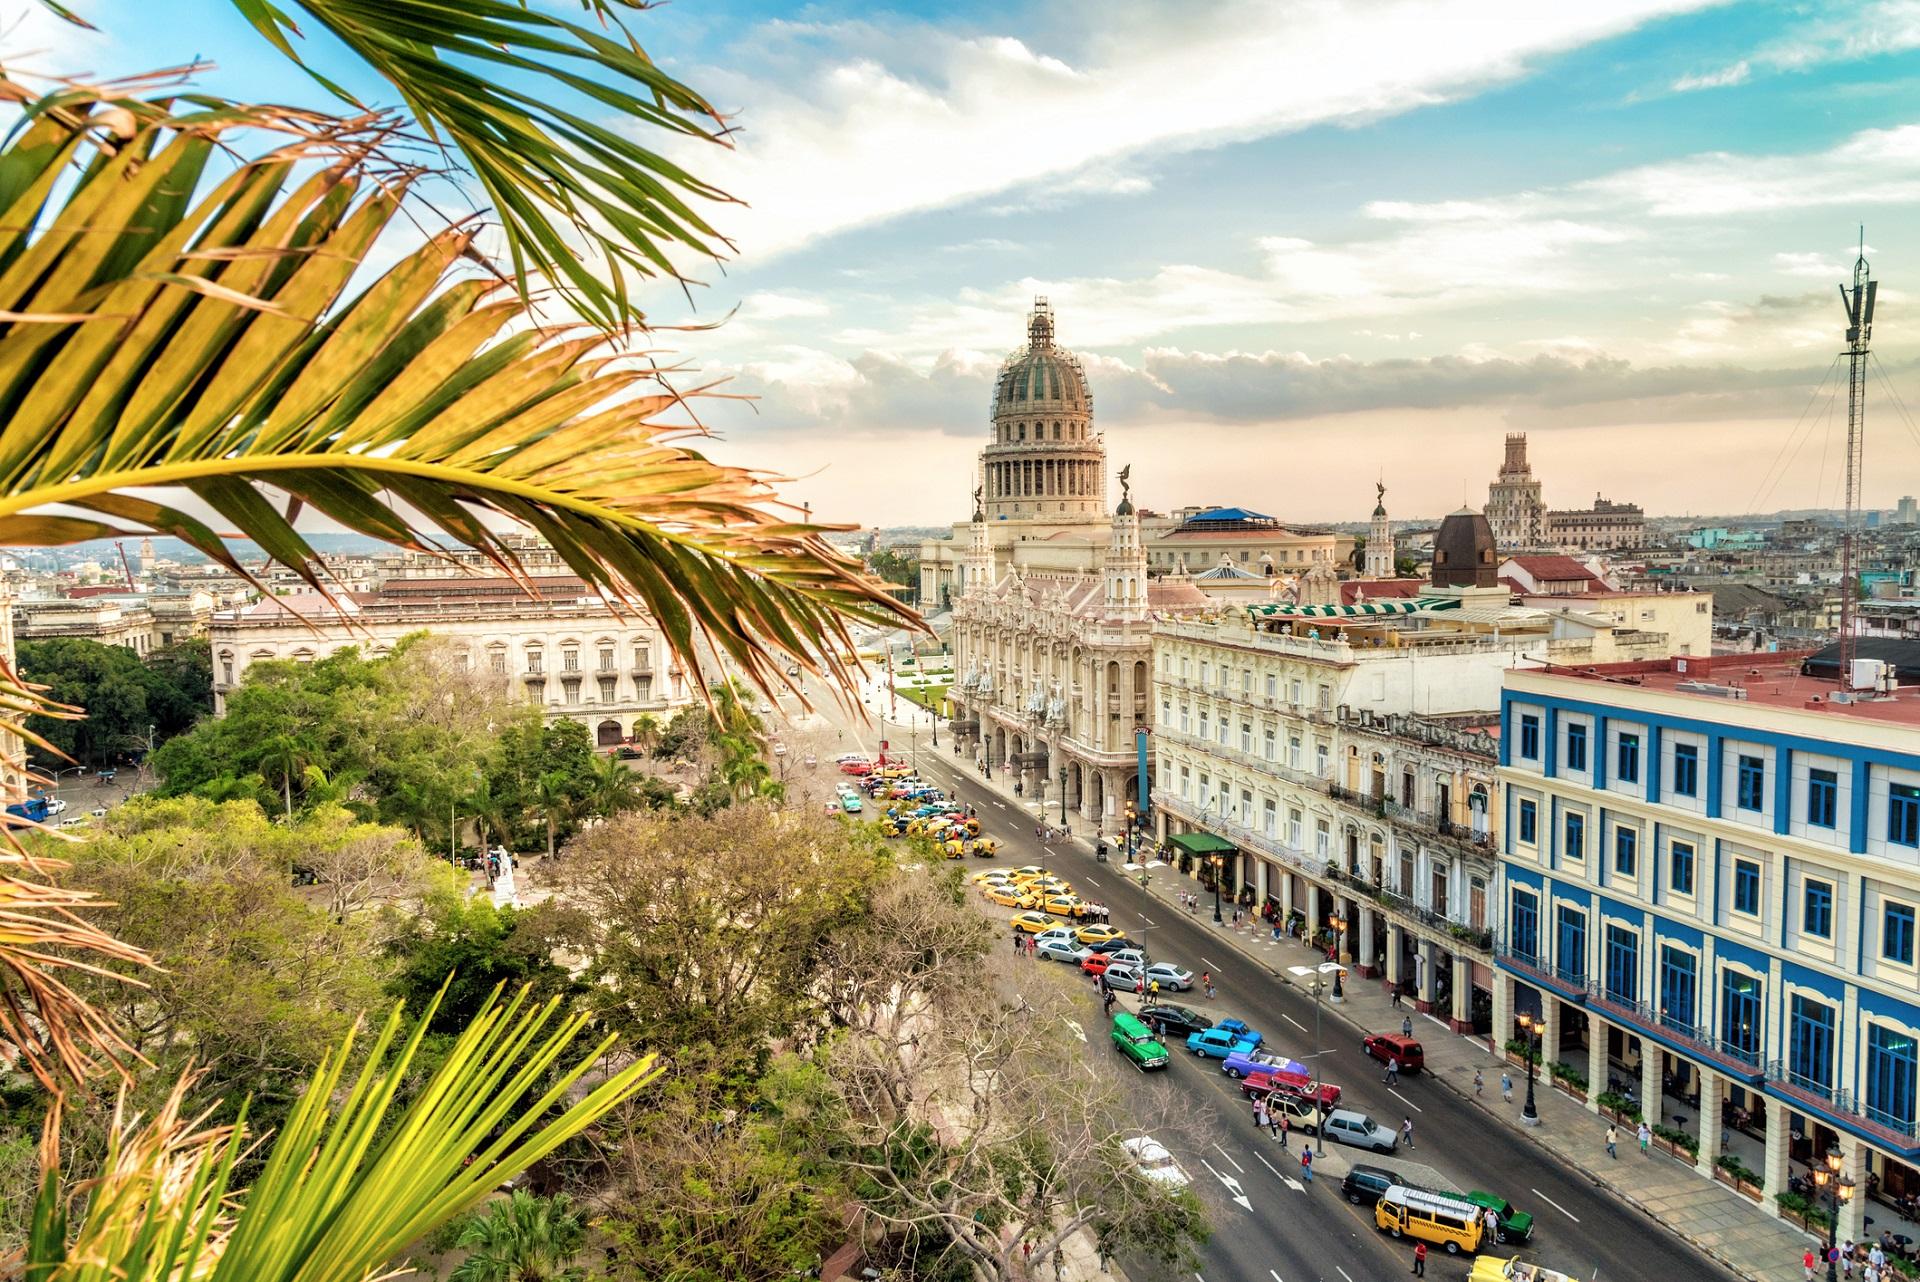 Havannas